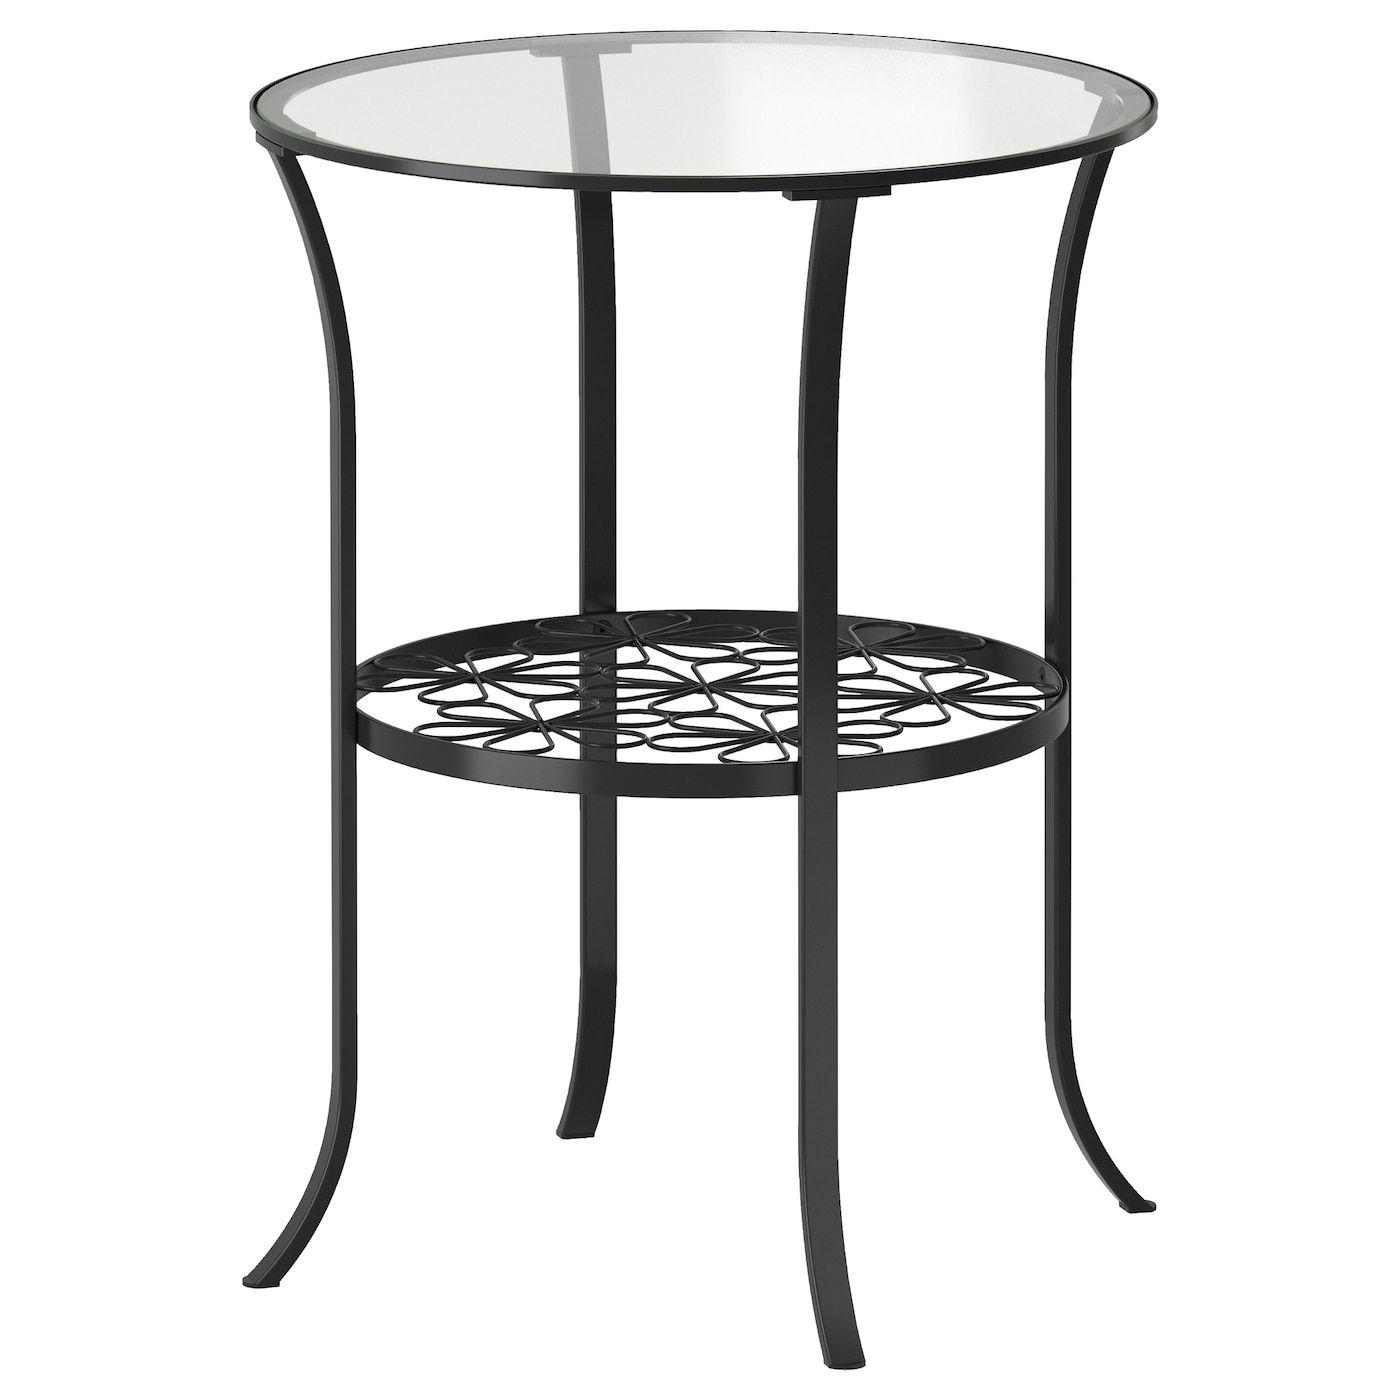 Klingsbo Beistelltisch Schwarz Klarglas Ikea Deutschland Ikea Beistelltisch Beistelltisch Beistelltisch Schwarz